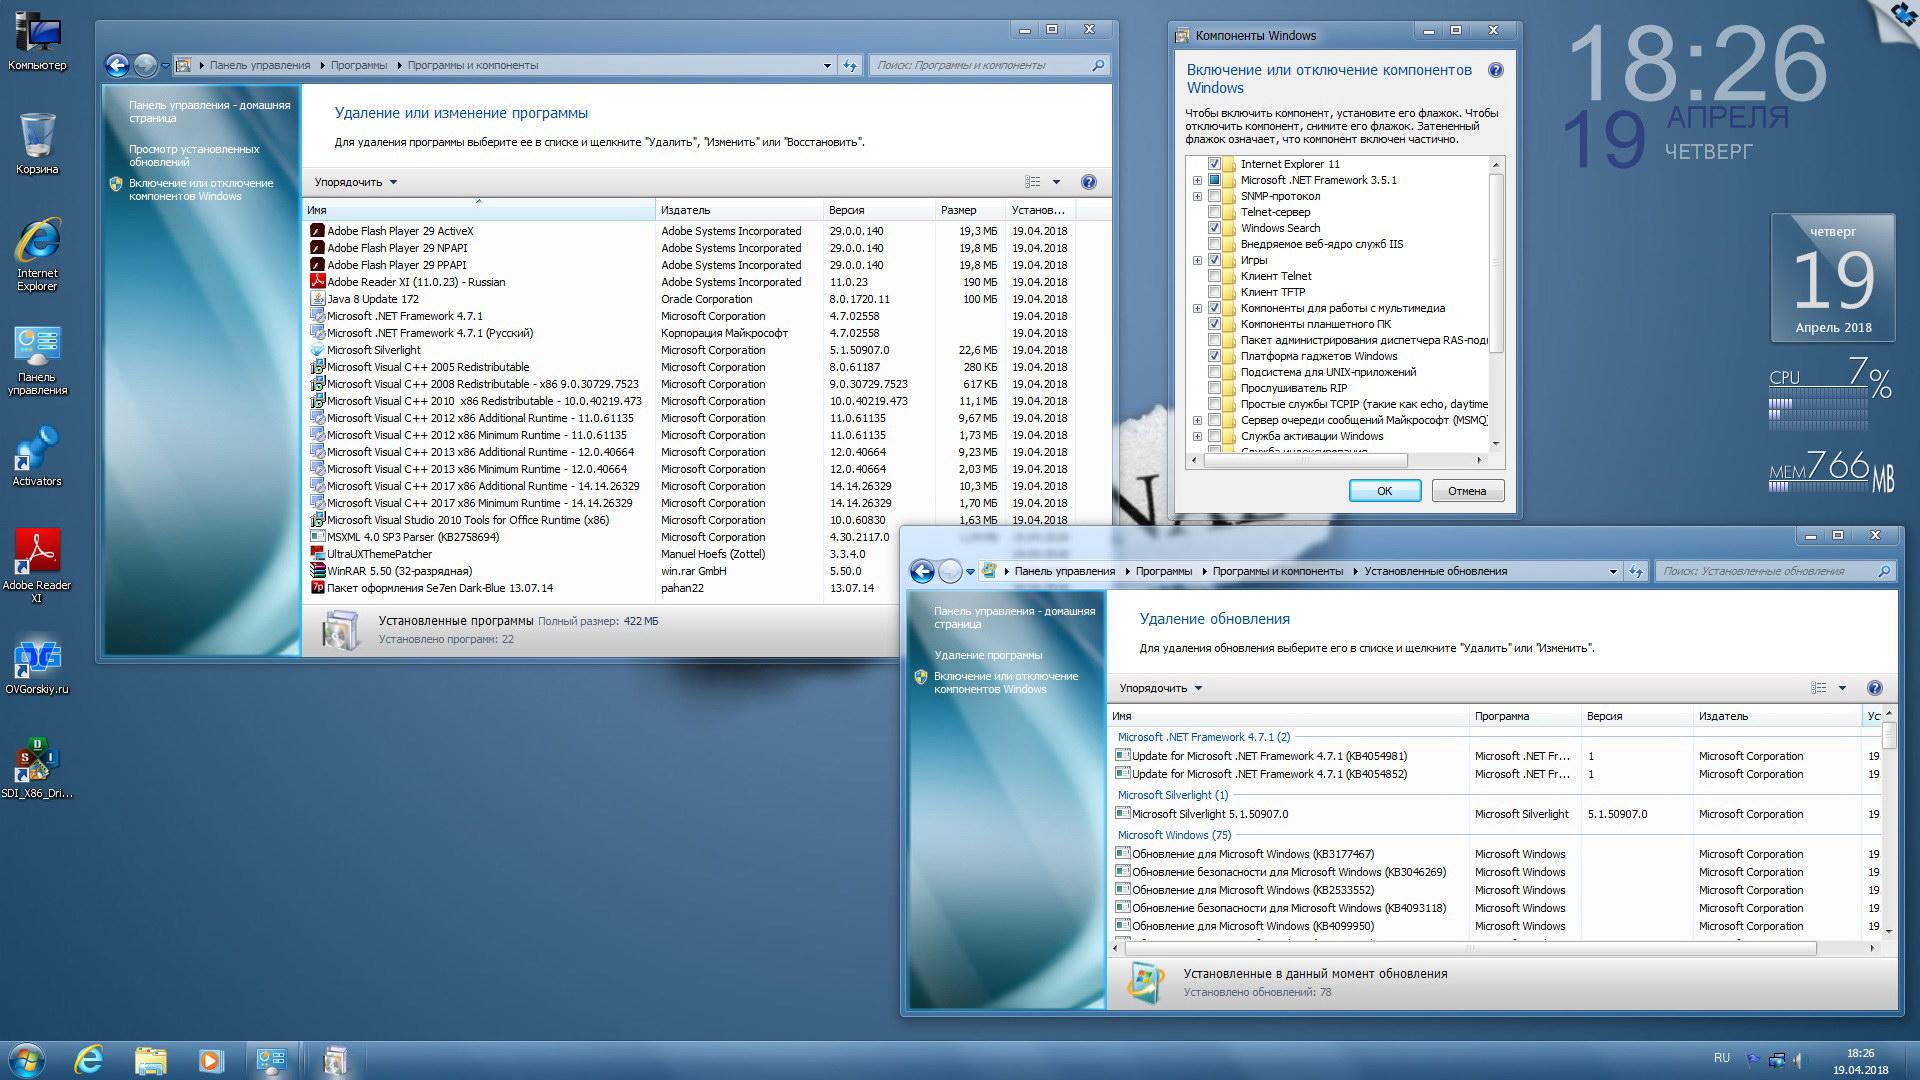 Microsoft Windows 7 Ultimate Ru x86 SP1 7DB by OVGorskiy (04.2018)  Русский